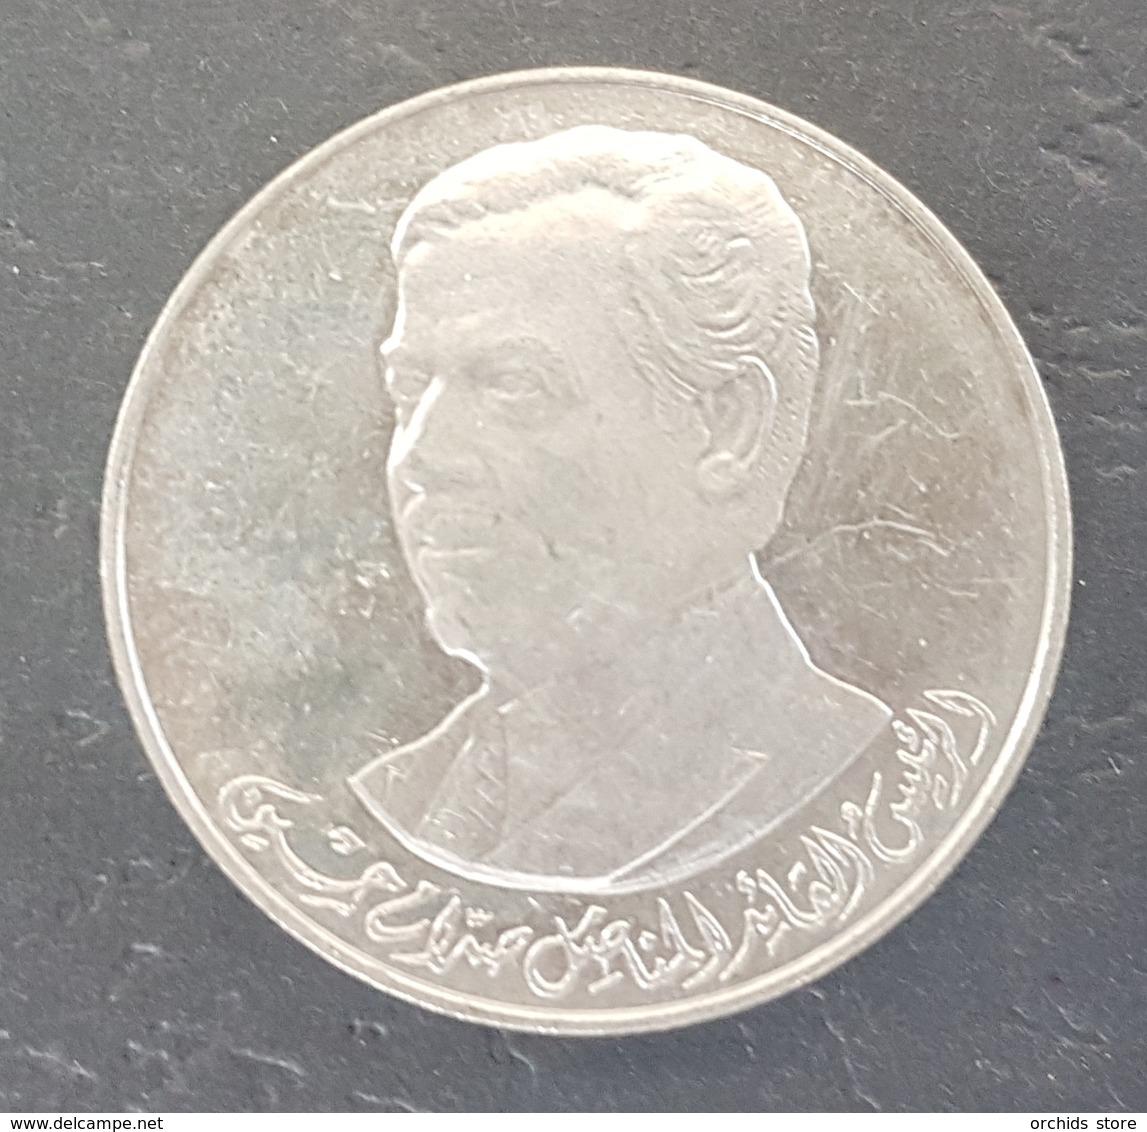 HX - HX - Iraq 1980 250 Fils Commerative Coin Saddam A-UNC / UNC KM#146 - Iraq